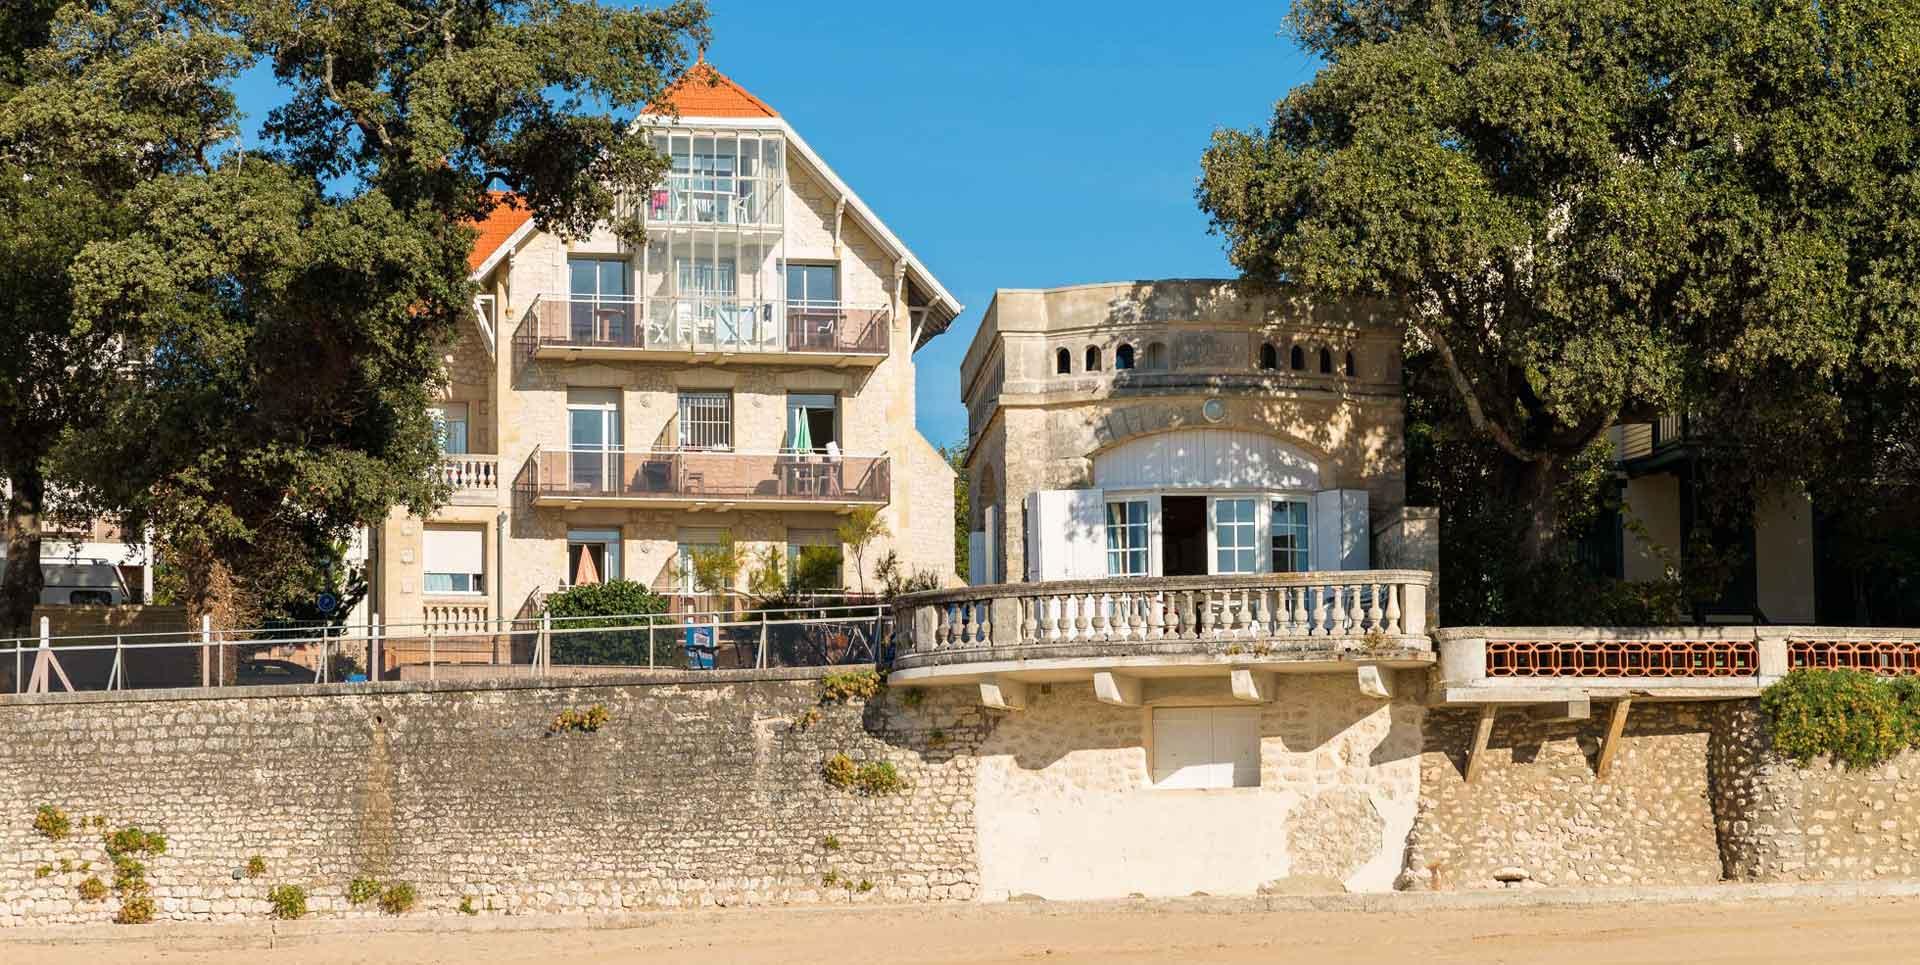 Séjour Charente-Maritime - SAINT-PALAIS-SUR-MER LE PHALENE LAGRANGE VACANCES